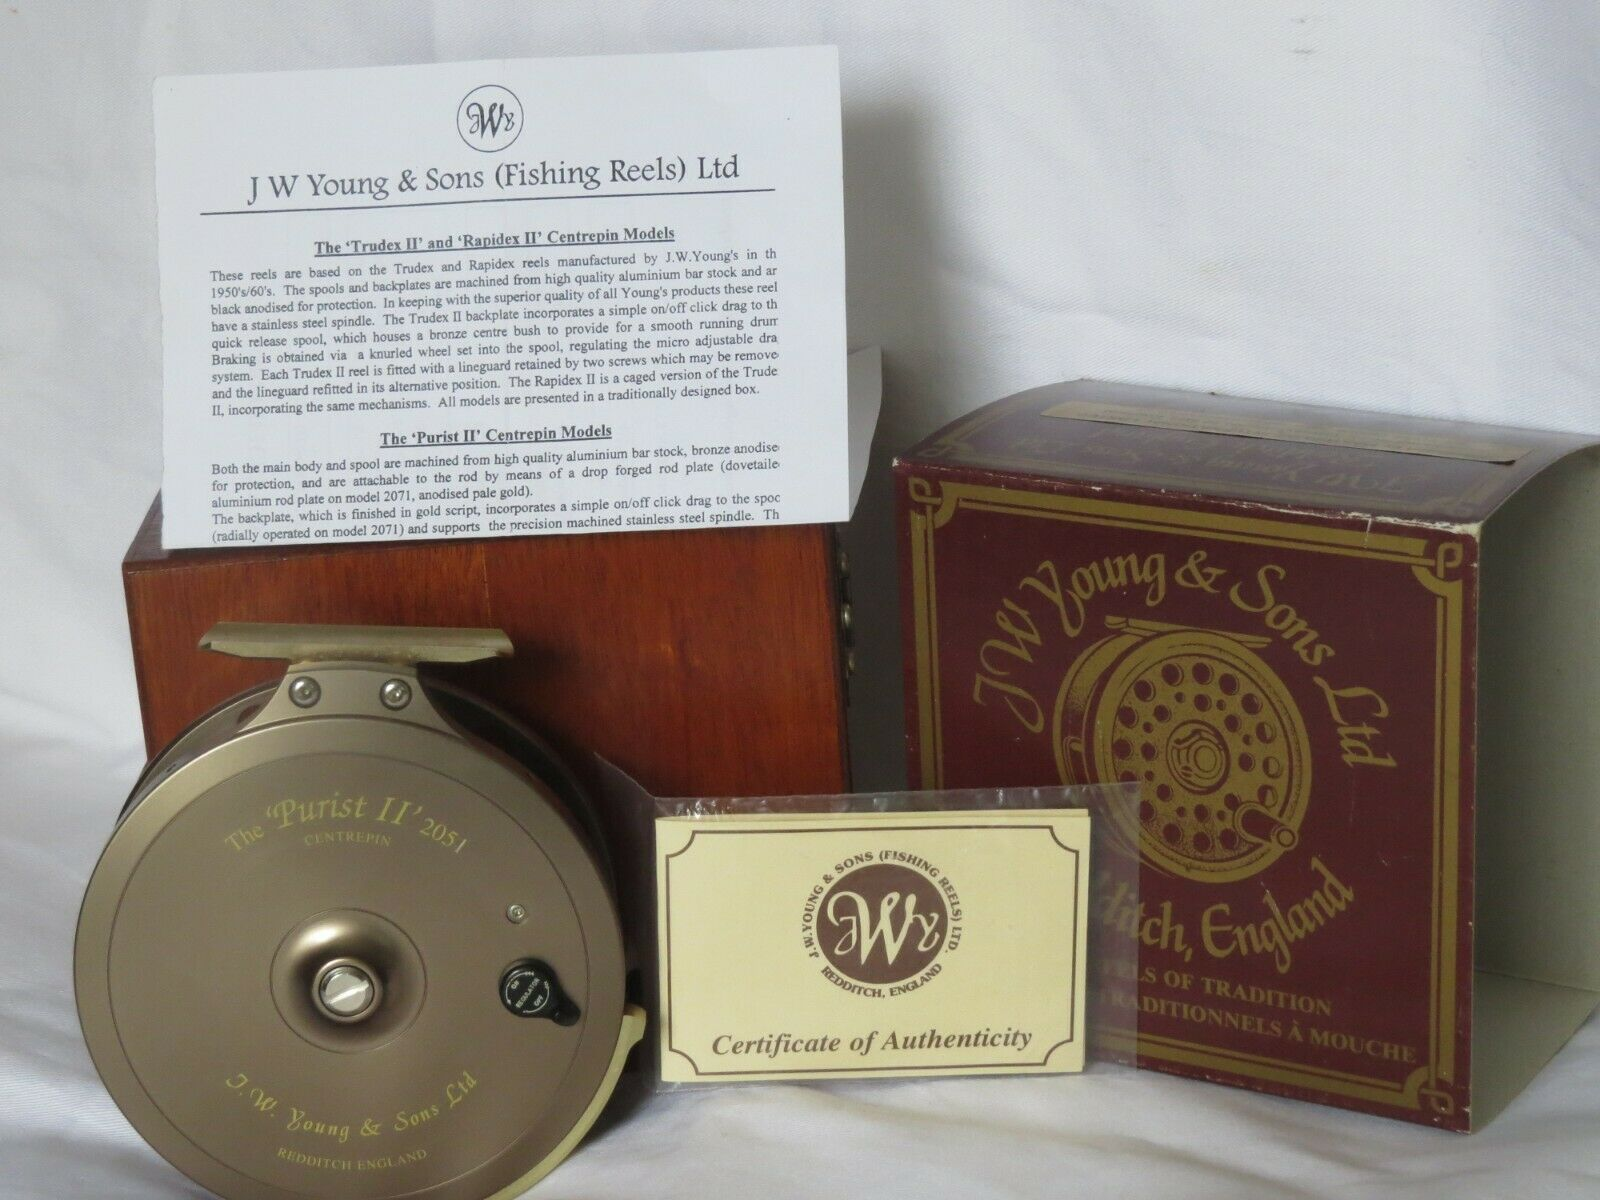 JW Young & SONS Purista 11 2051 2051 2051 Centrepin Reel in scatola con documenti non utilizzato aa2